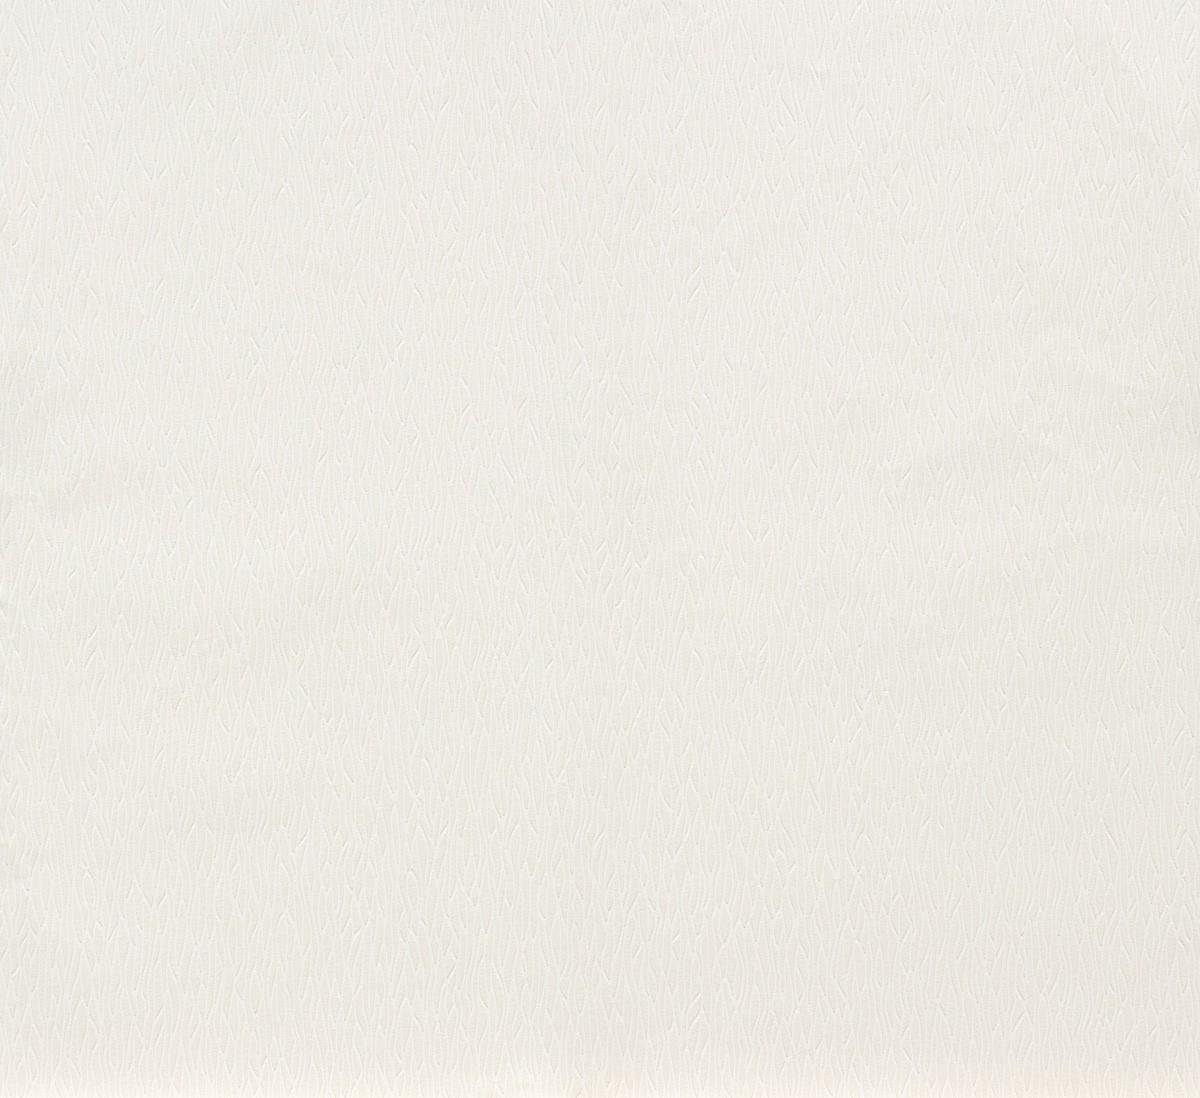 vliestapete wei grafisch marburg 56416. Black Bedroom Furniture Sets. Home Design Ideas